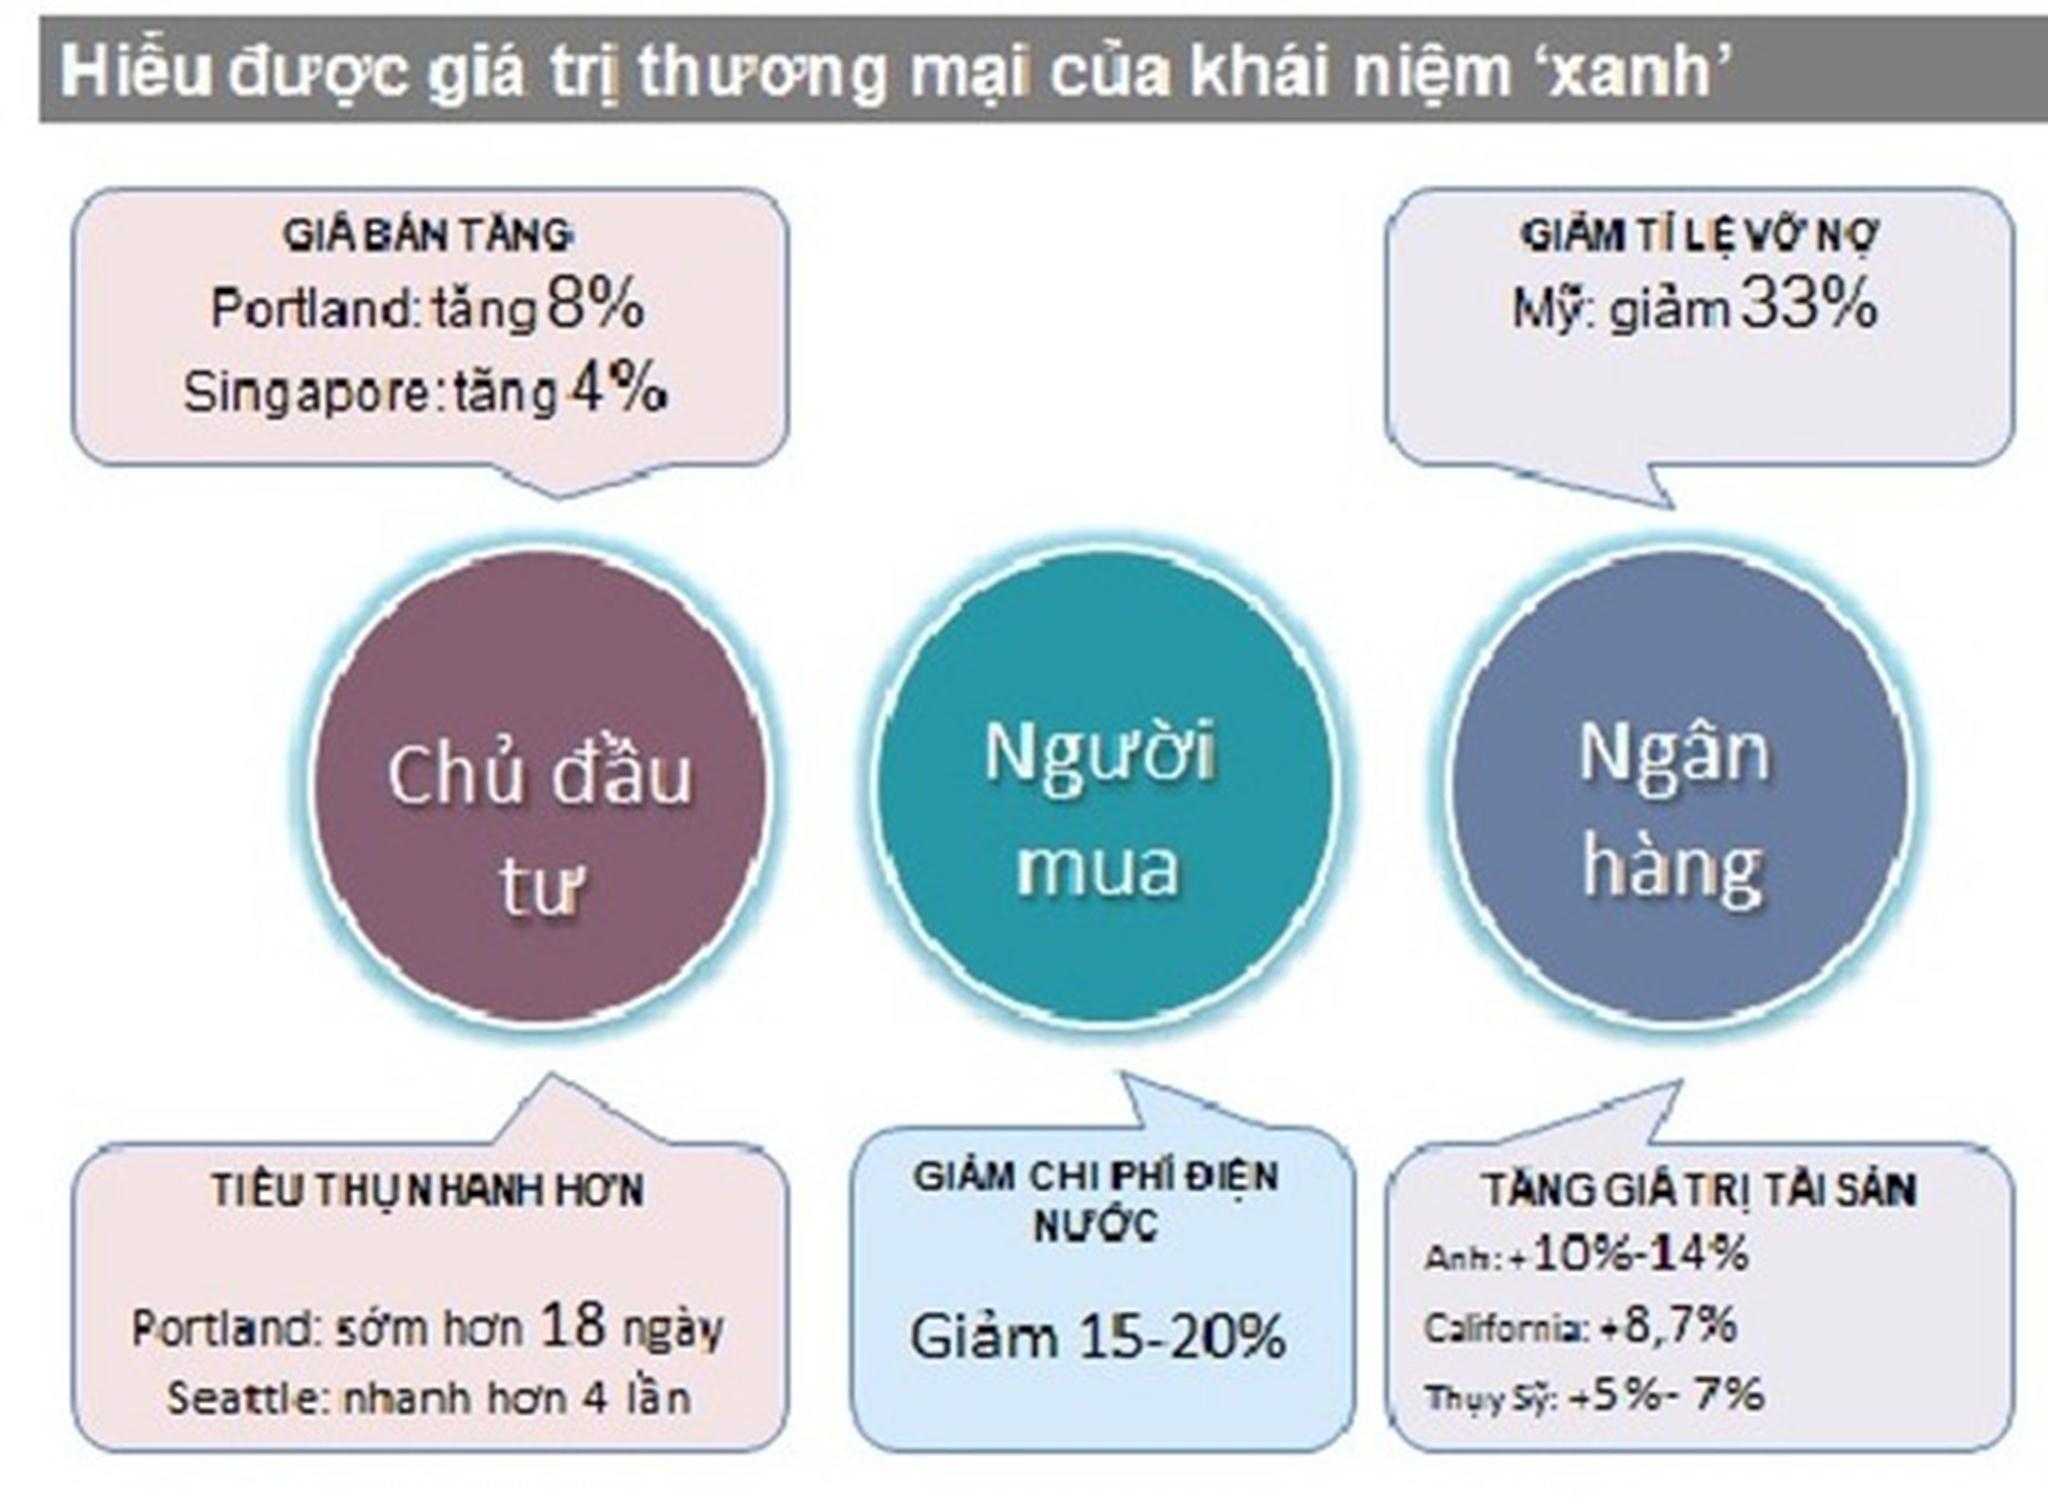 nha-phat-trien-du-an-bds-thuong-lam-lo-voi-mang-xanh (2) (Copy)